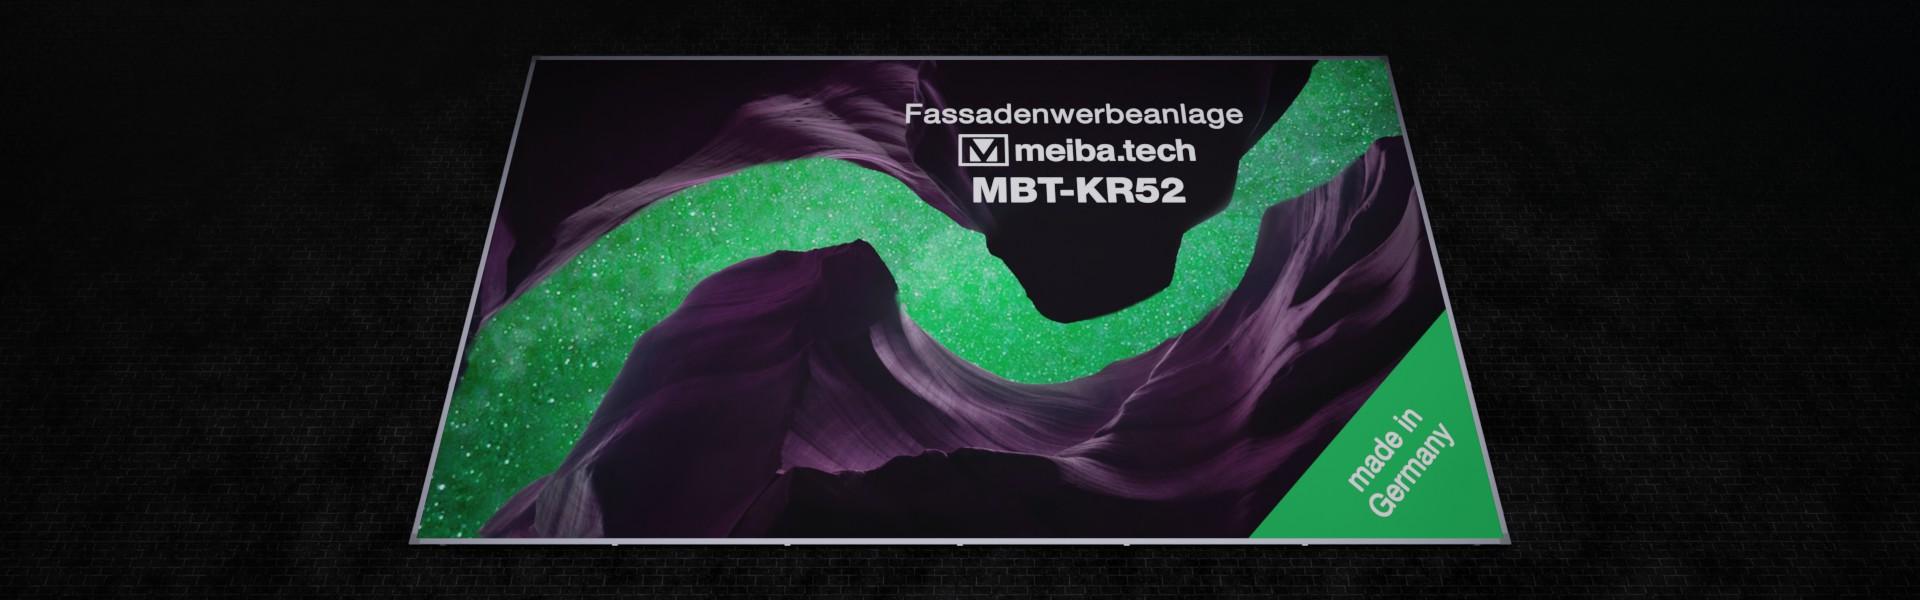 Werbeanlage MBT-KR52 für langfristige Bannerwerbung an Fassaden, untere Ansicht